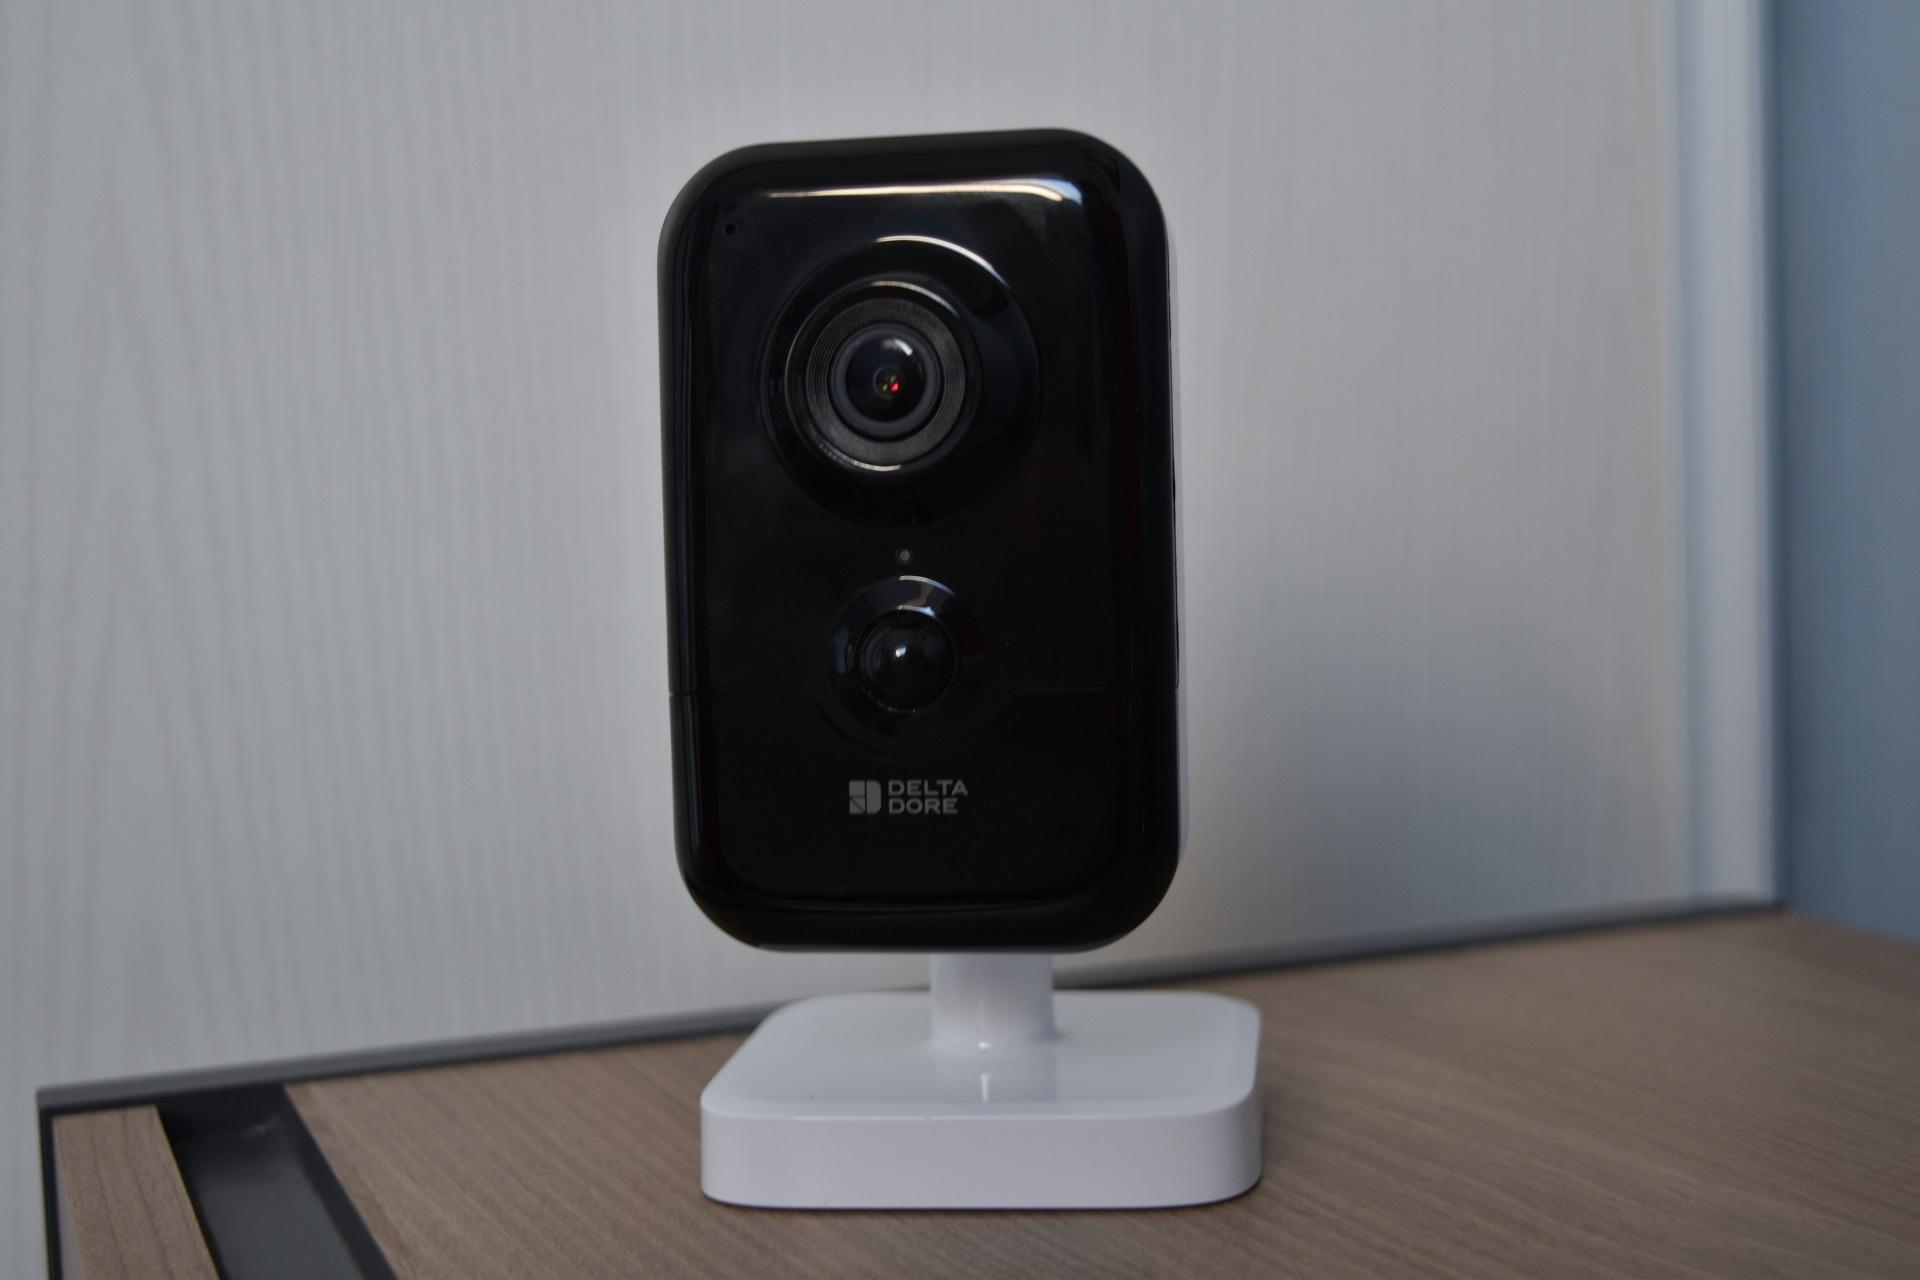 Tycam 1100 Indoor : une caméra de surveillance Delta Dore